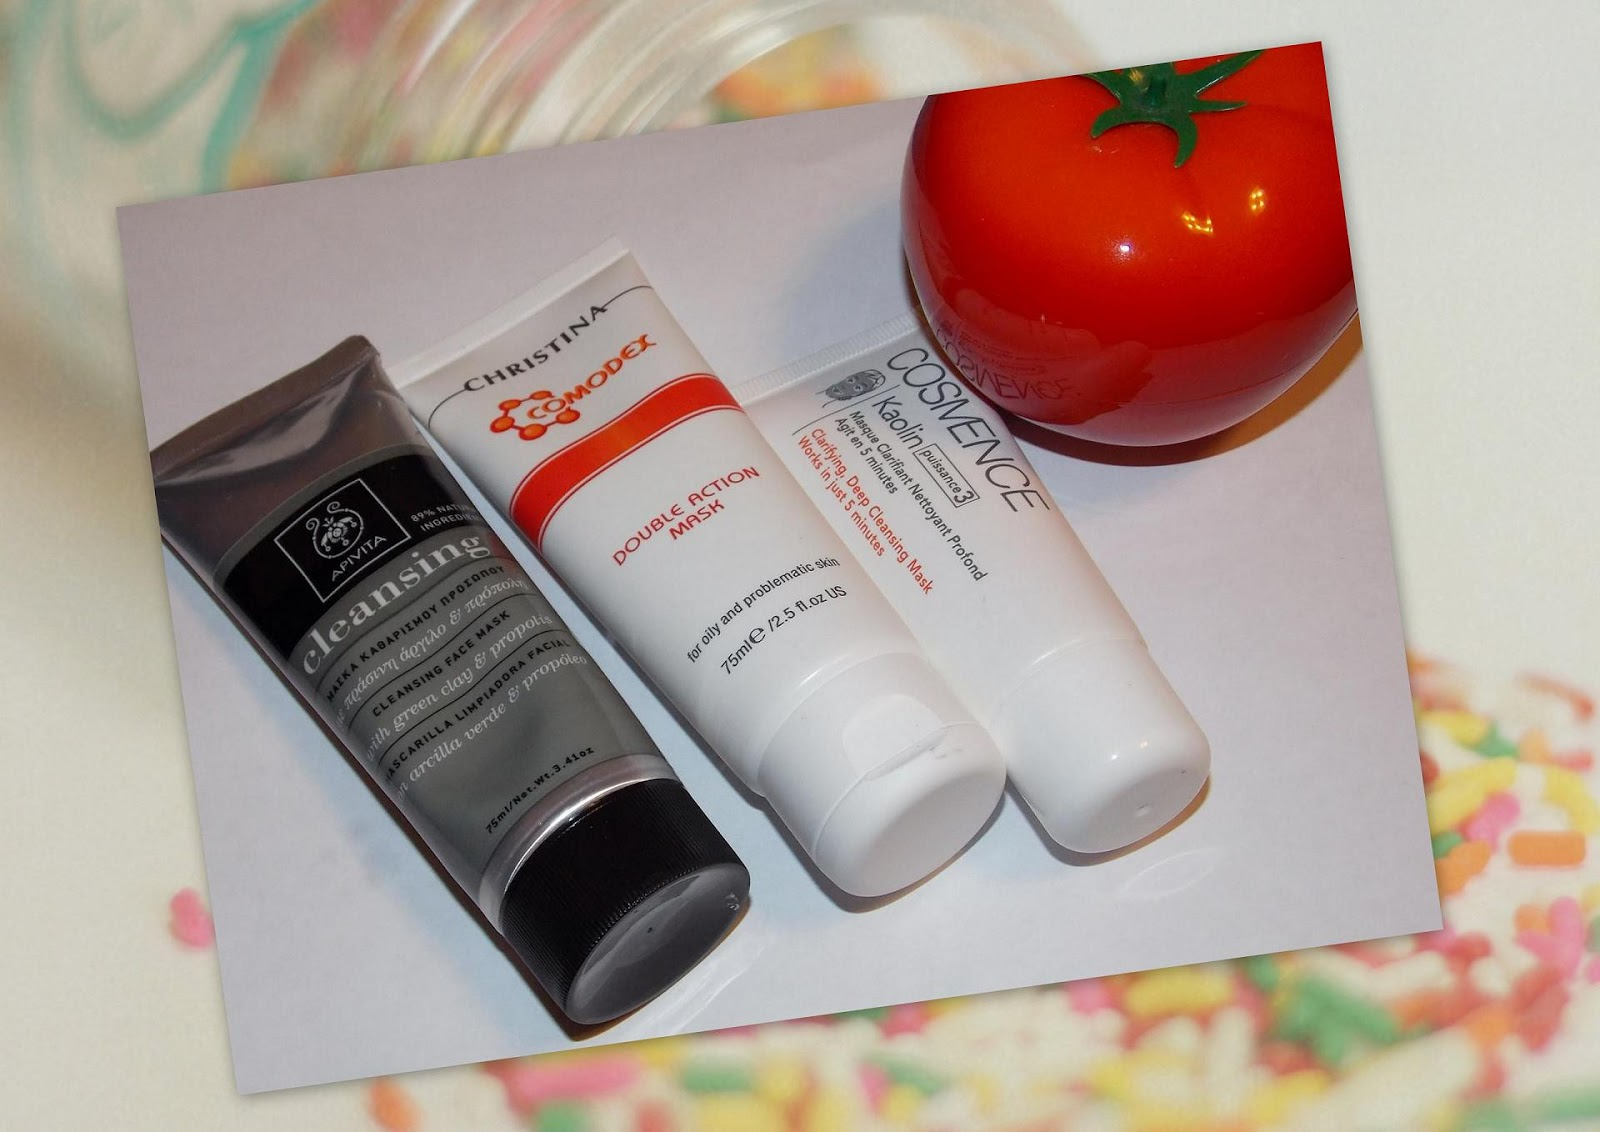 slim detox крем маска сжигатель жира отзывы